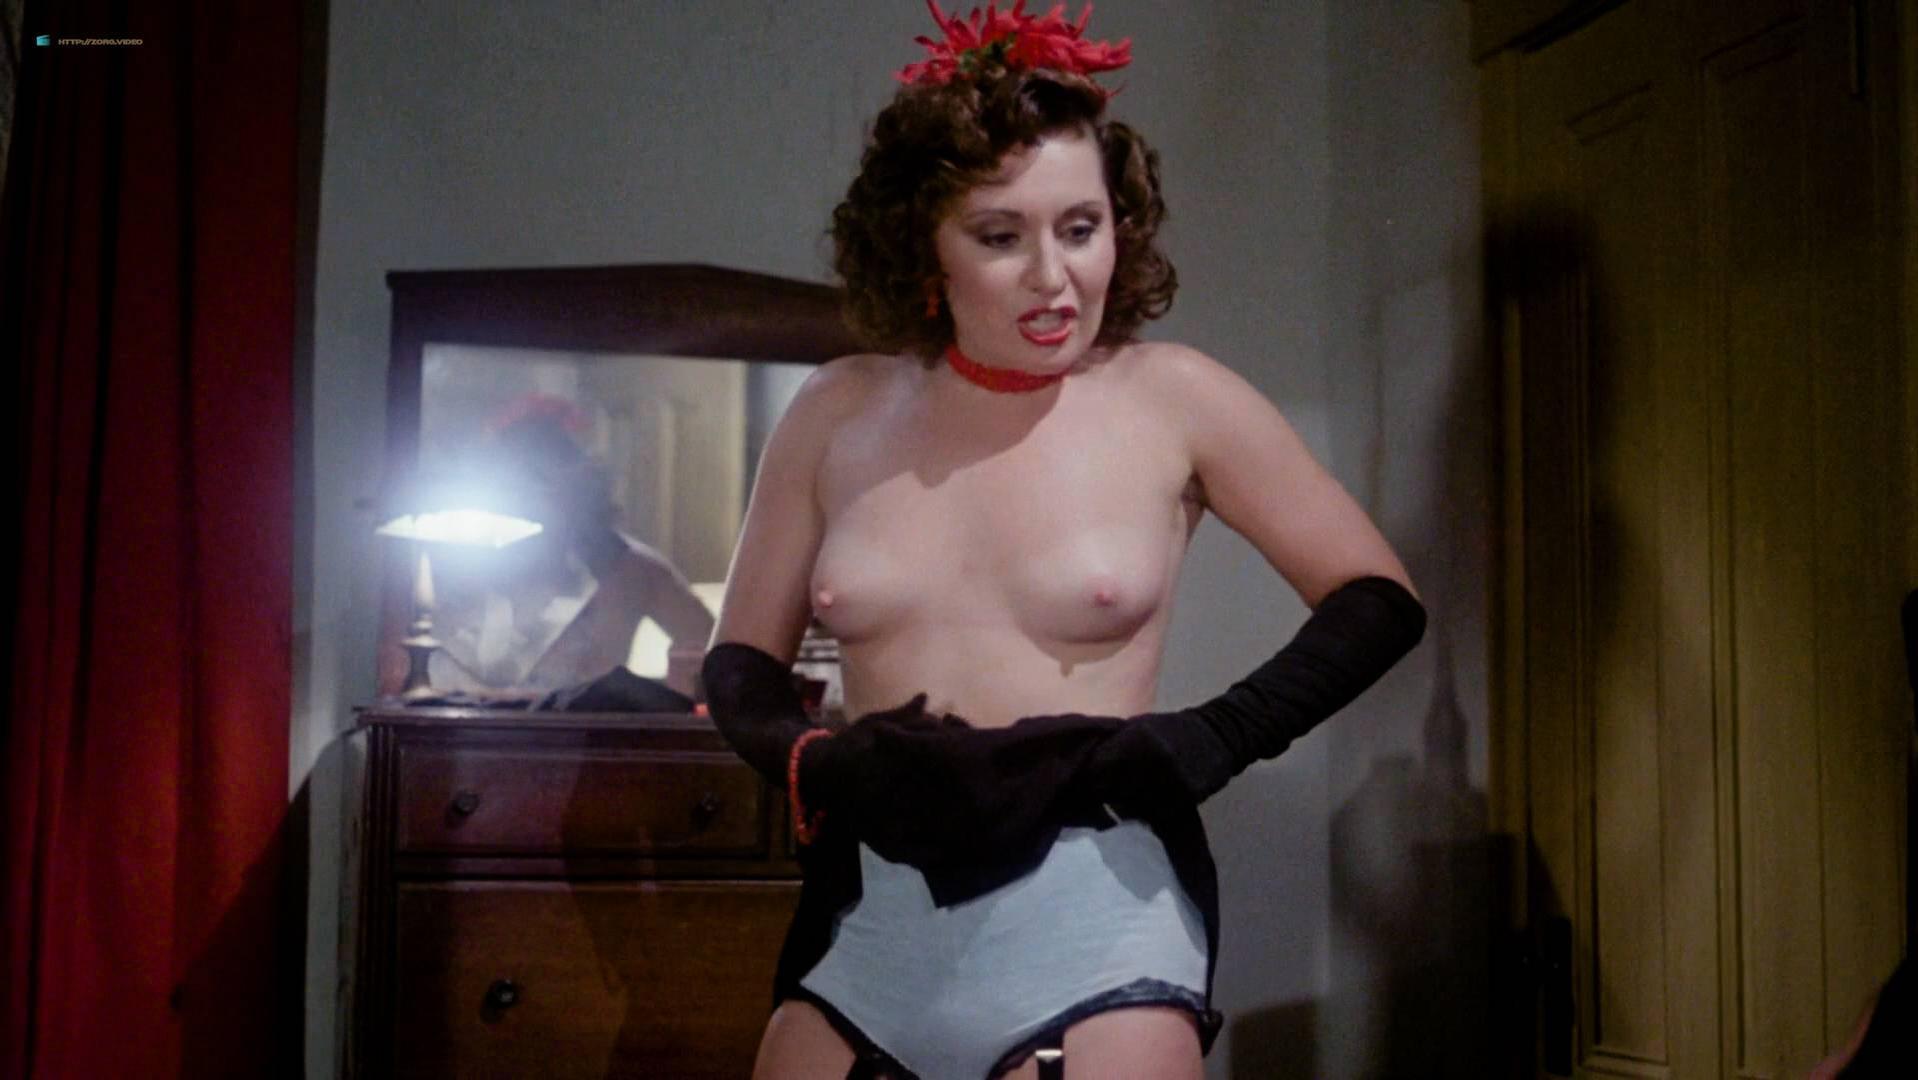 Lisa De Leeuw nude, Juliet Anderson nude, Samantha Fox nude, Veronica Hart nude, Hillary Summers nude - It's Called Murder, Baby (1983)